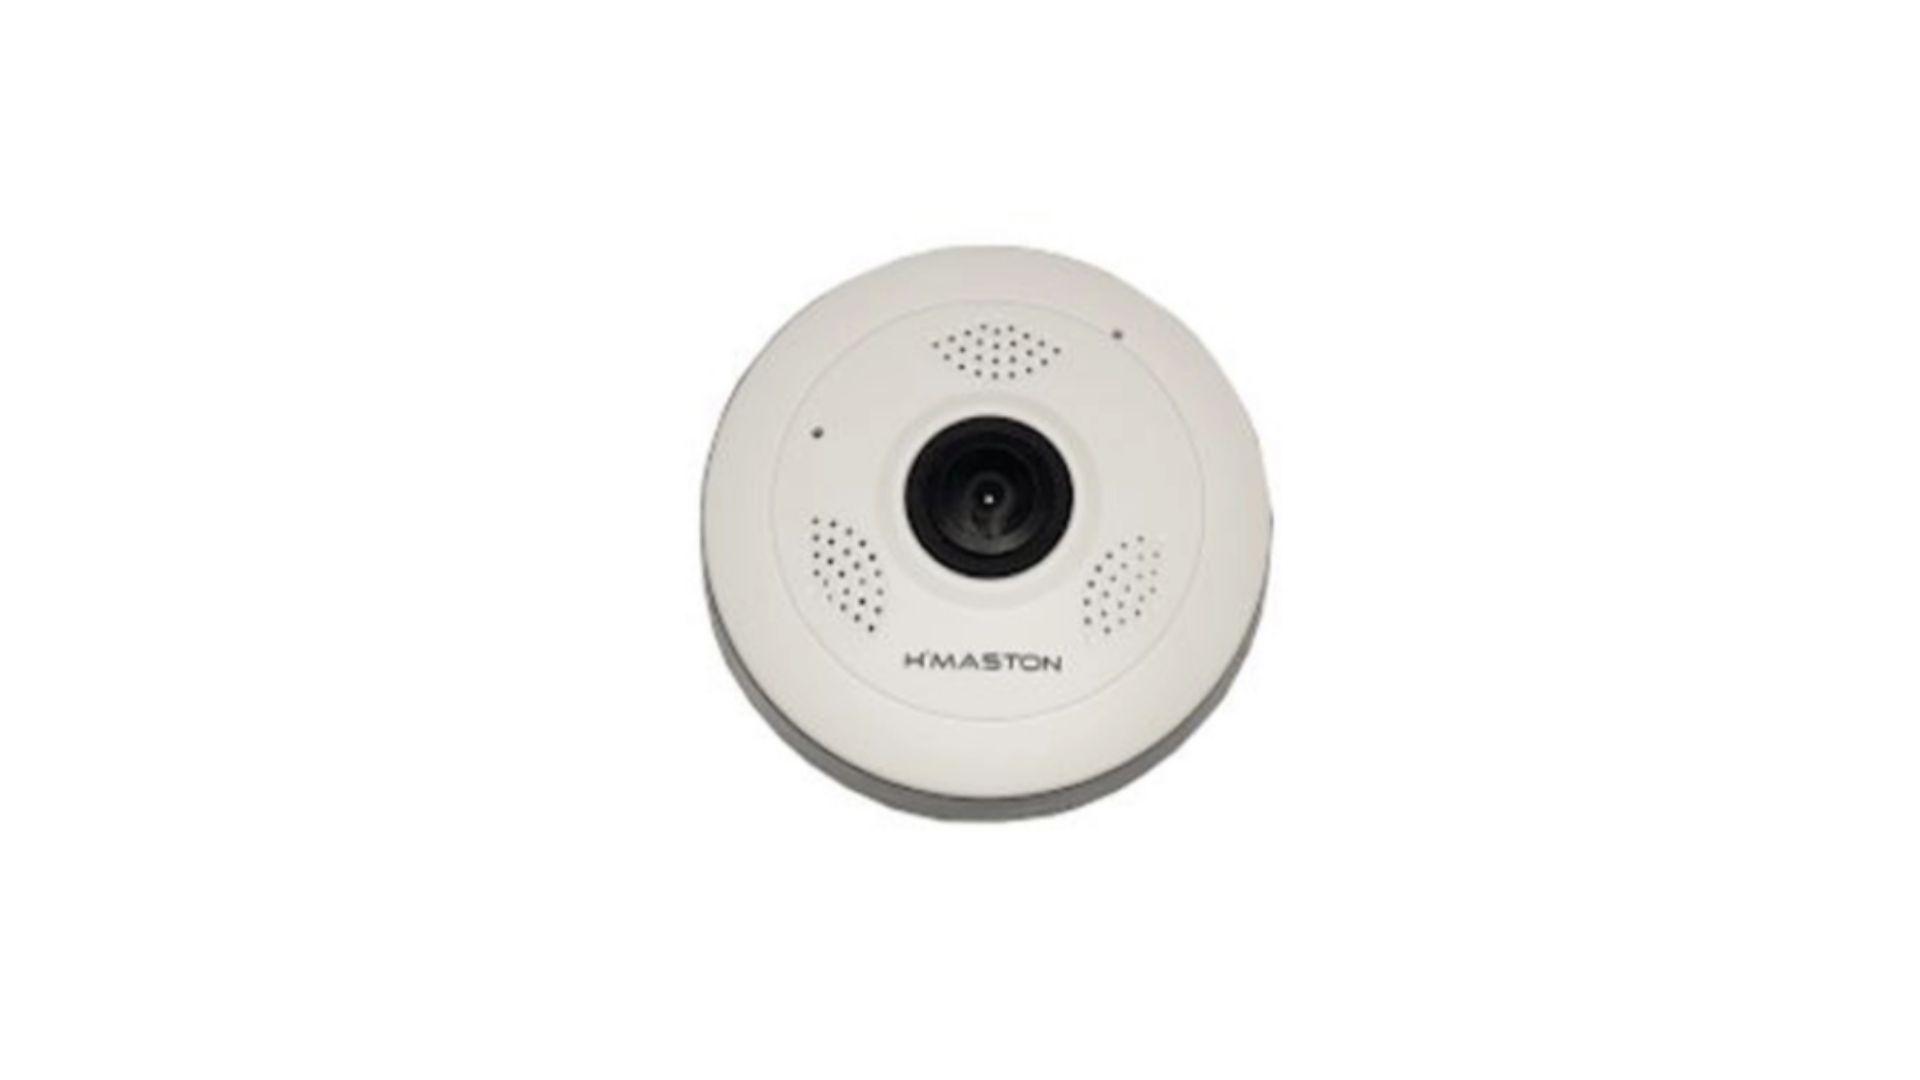 Veja detalhes sobre a Câmera Ip Panorâmica WiFi HD Fisheye (Foto: Divulgação)